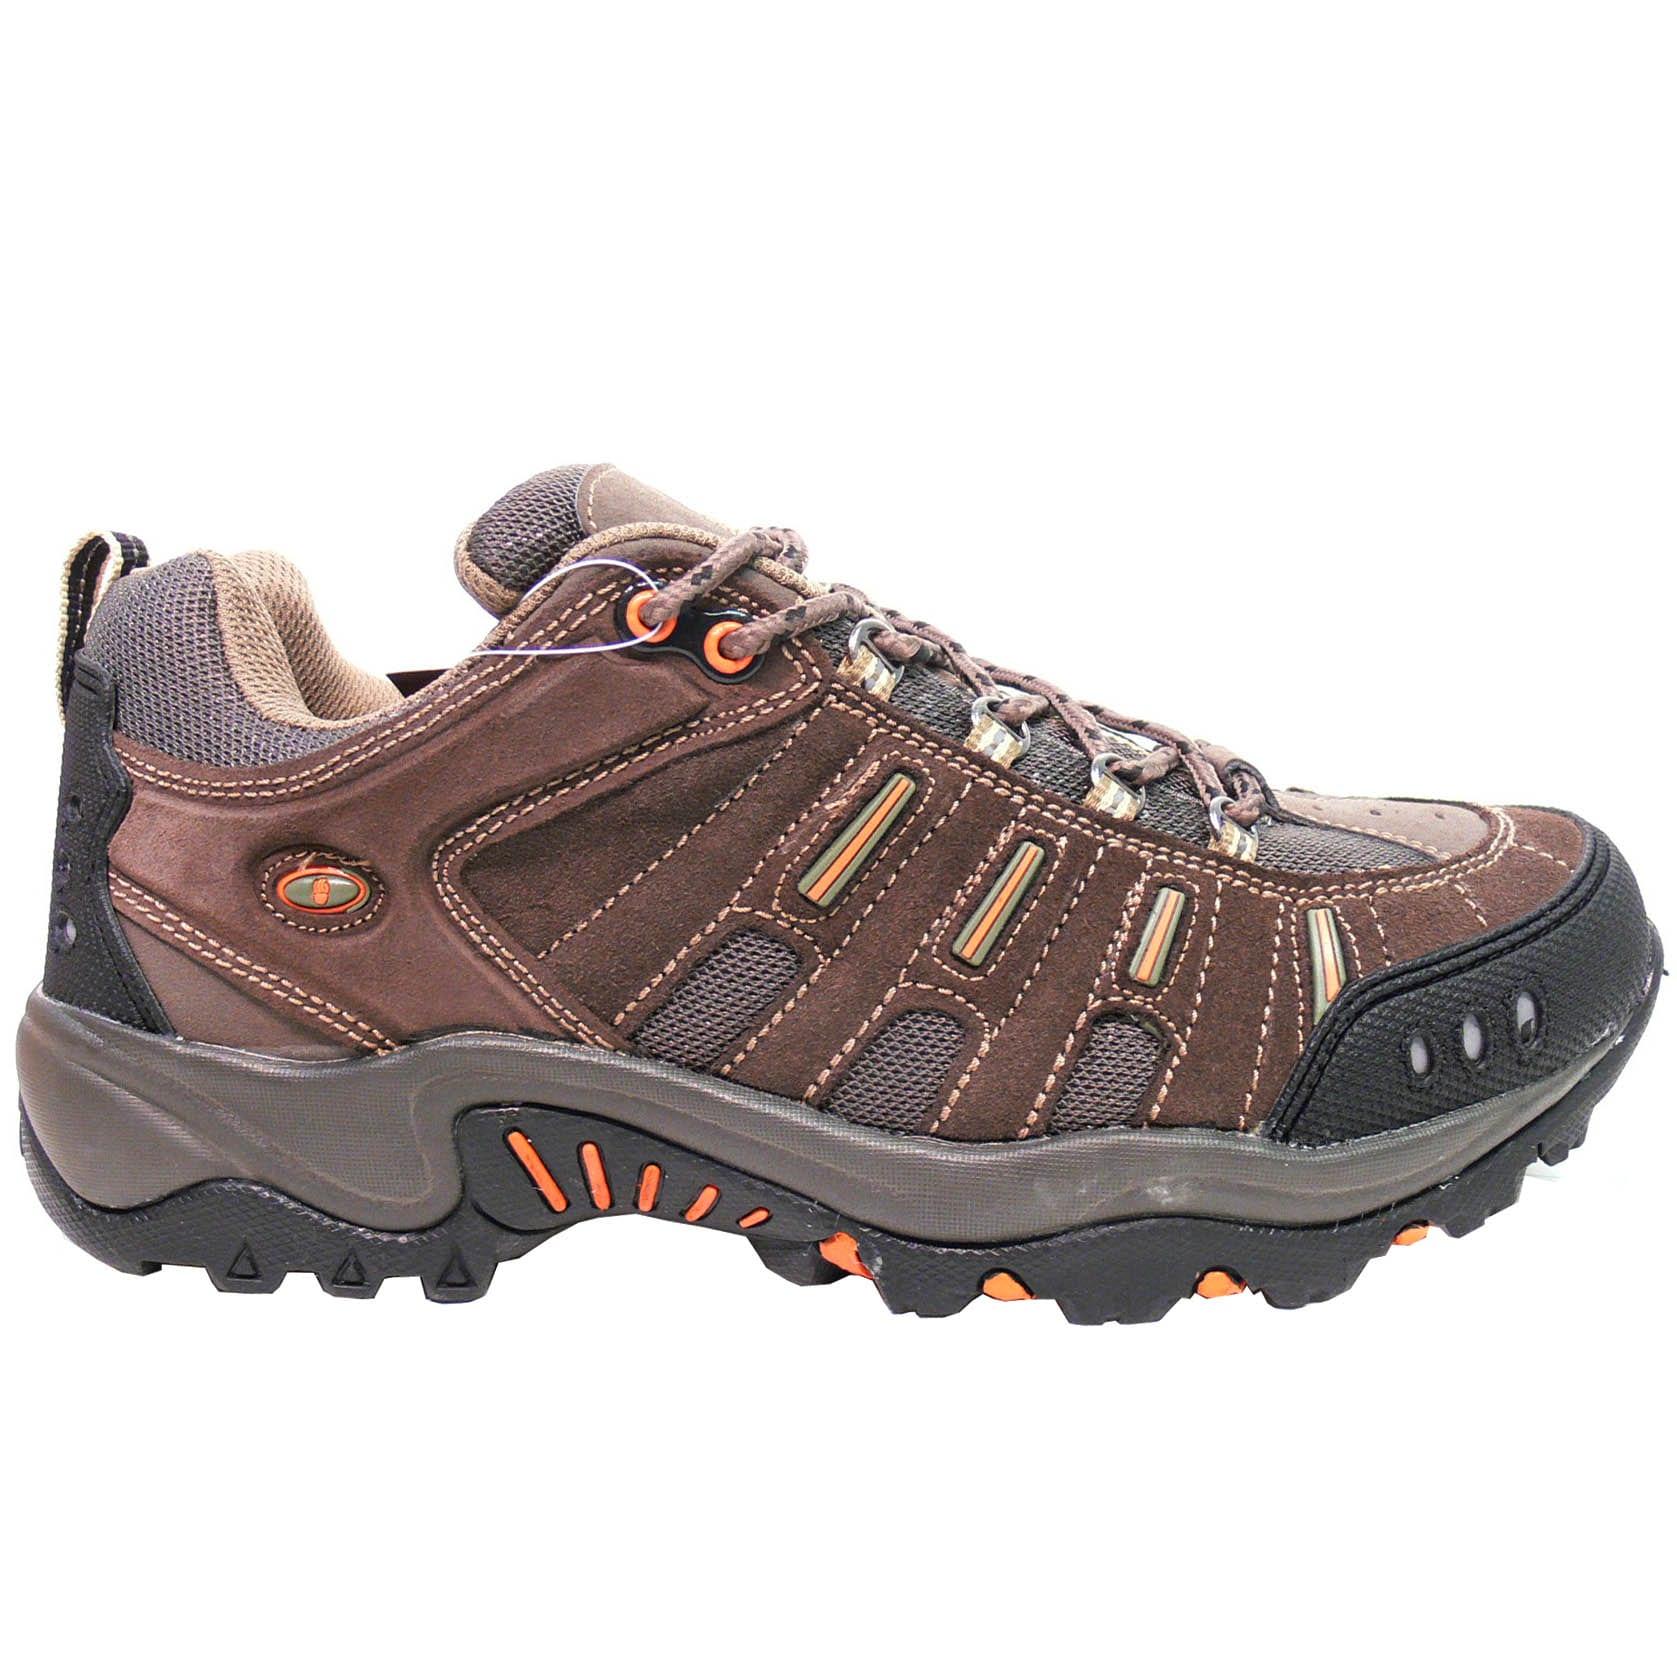 Bearpaw Men's Summitt Outdoor Shoes - 11120530 - Overstock ...